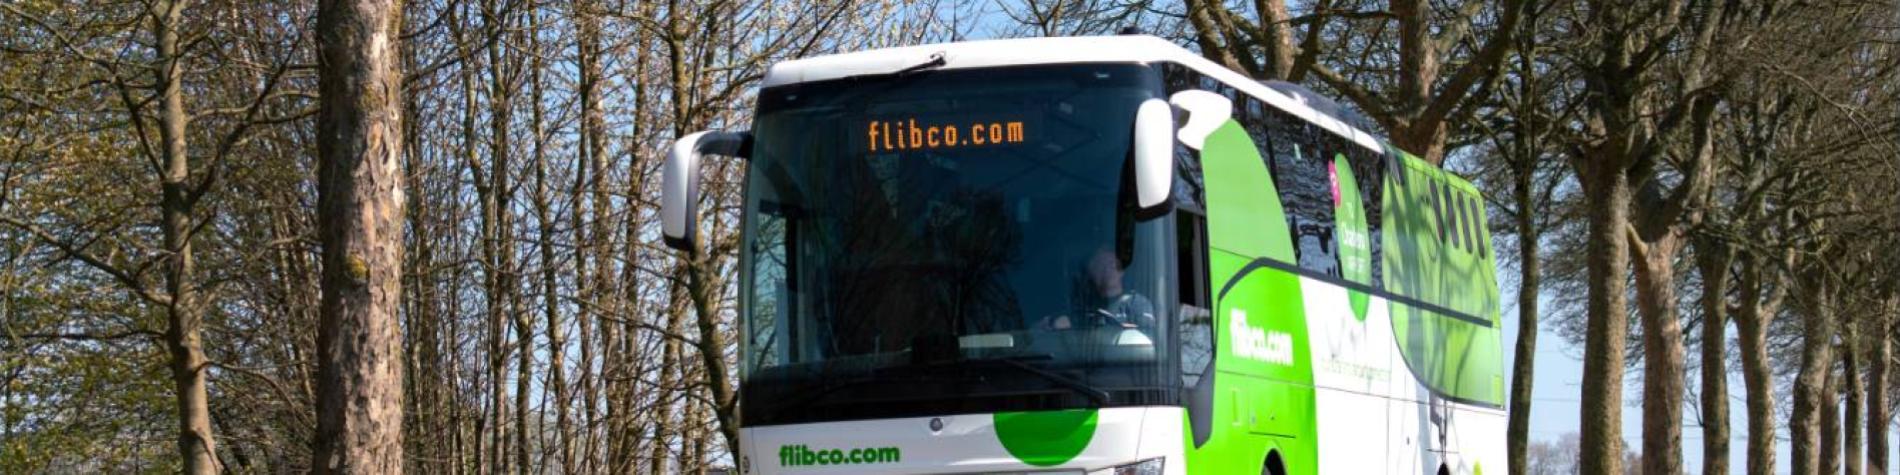 Flibco.com - autocar